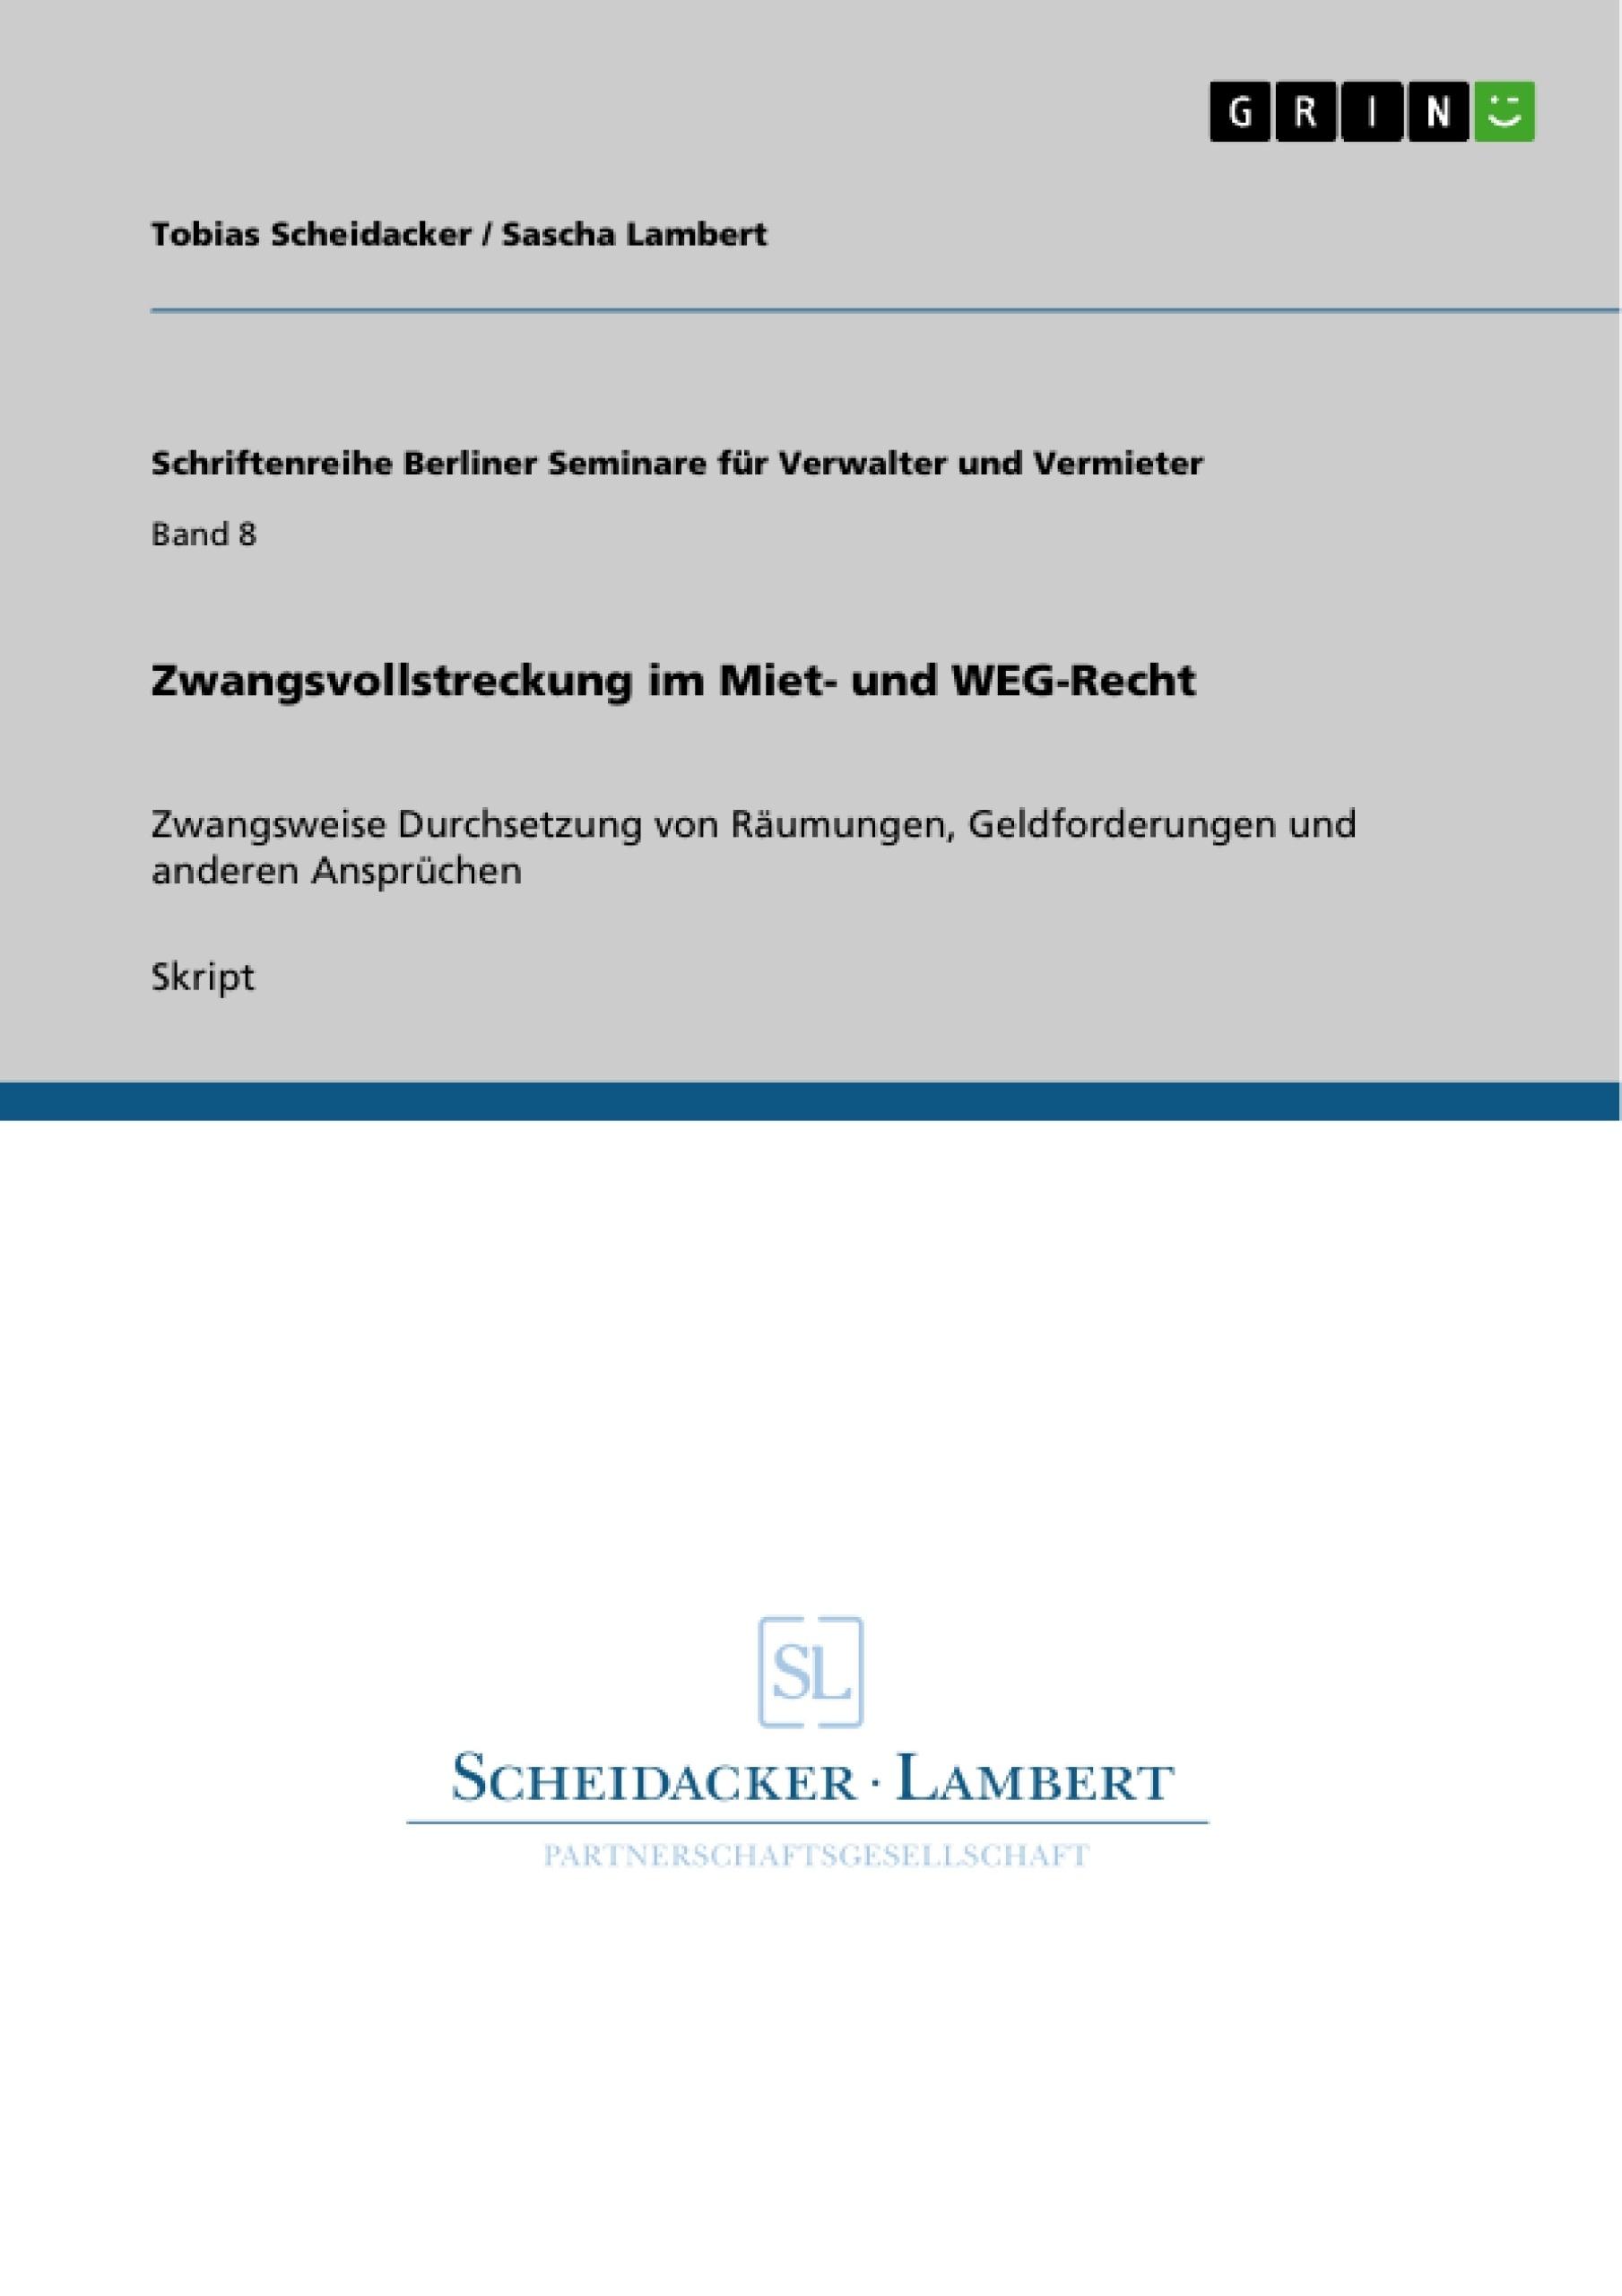 Titel: Zwangsvollstreckung im Miet- und WEG-Recht